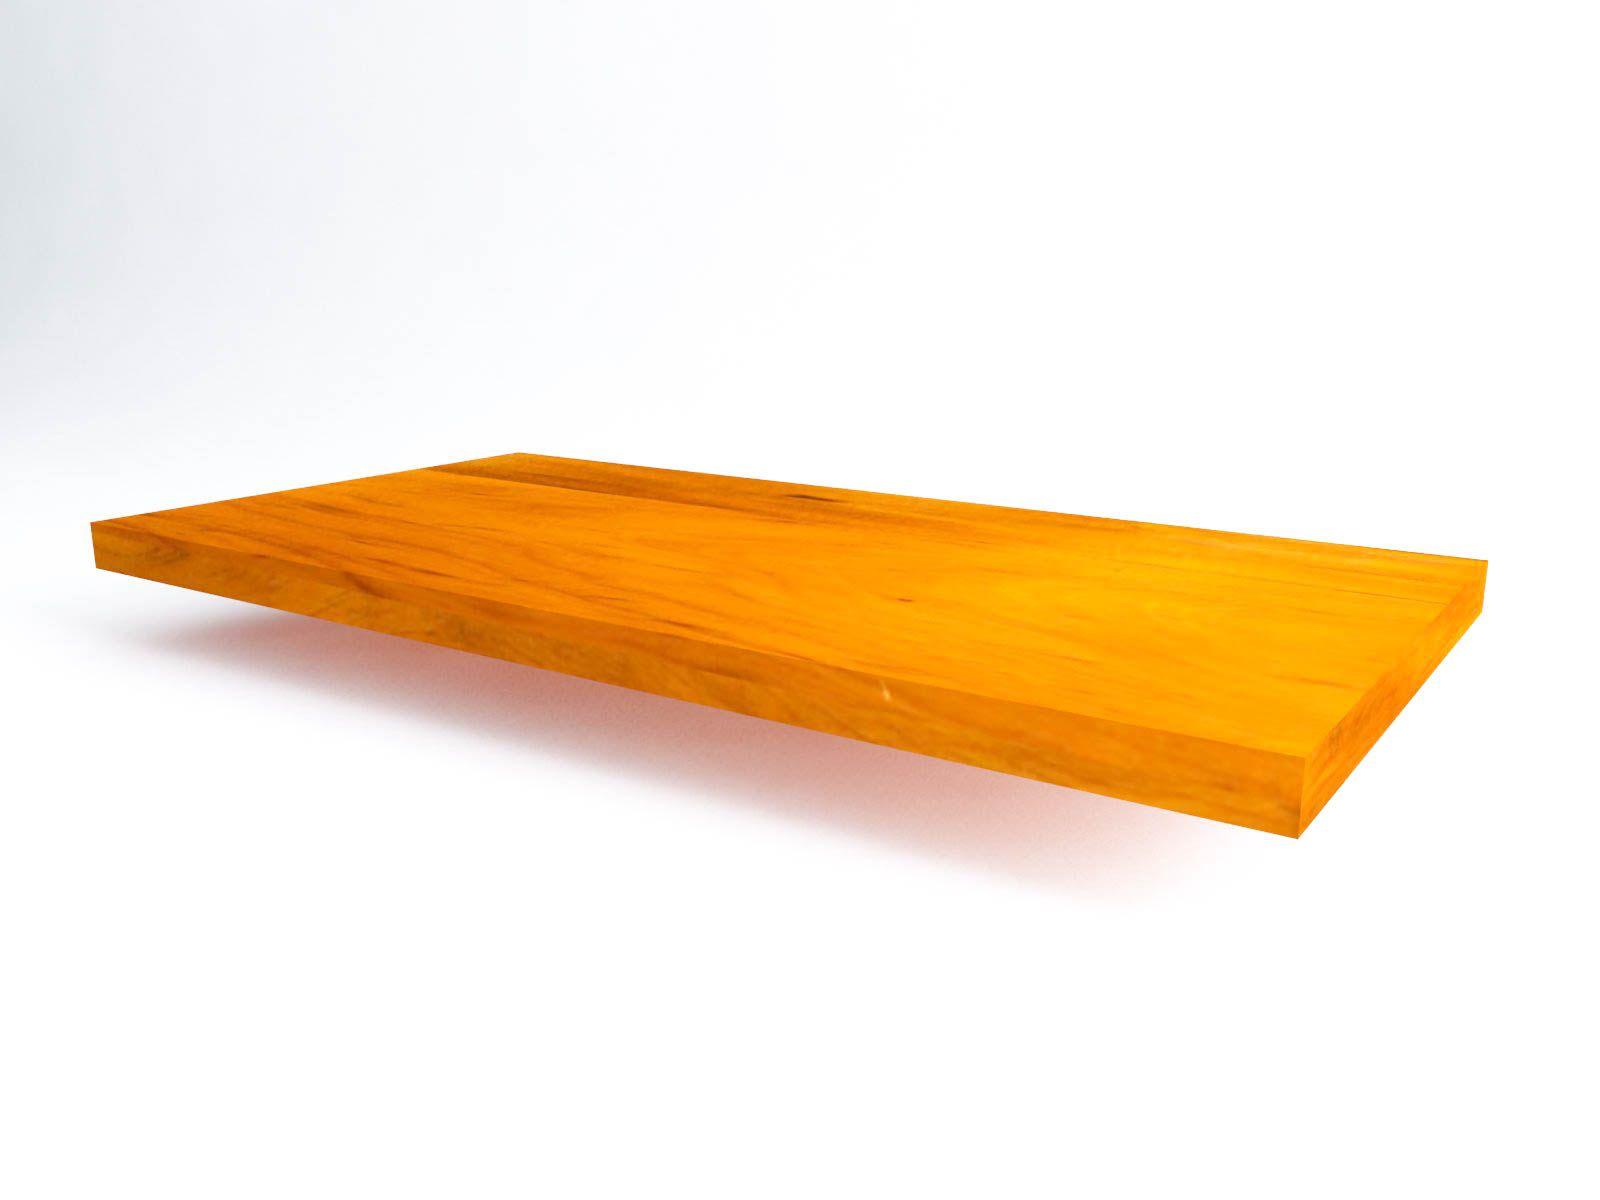 Tampo Retangular para balcão e mesa 2,50x1,50x8cm Em Madeira De Demolição